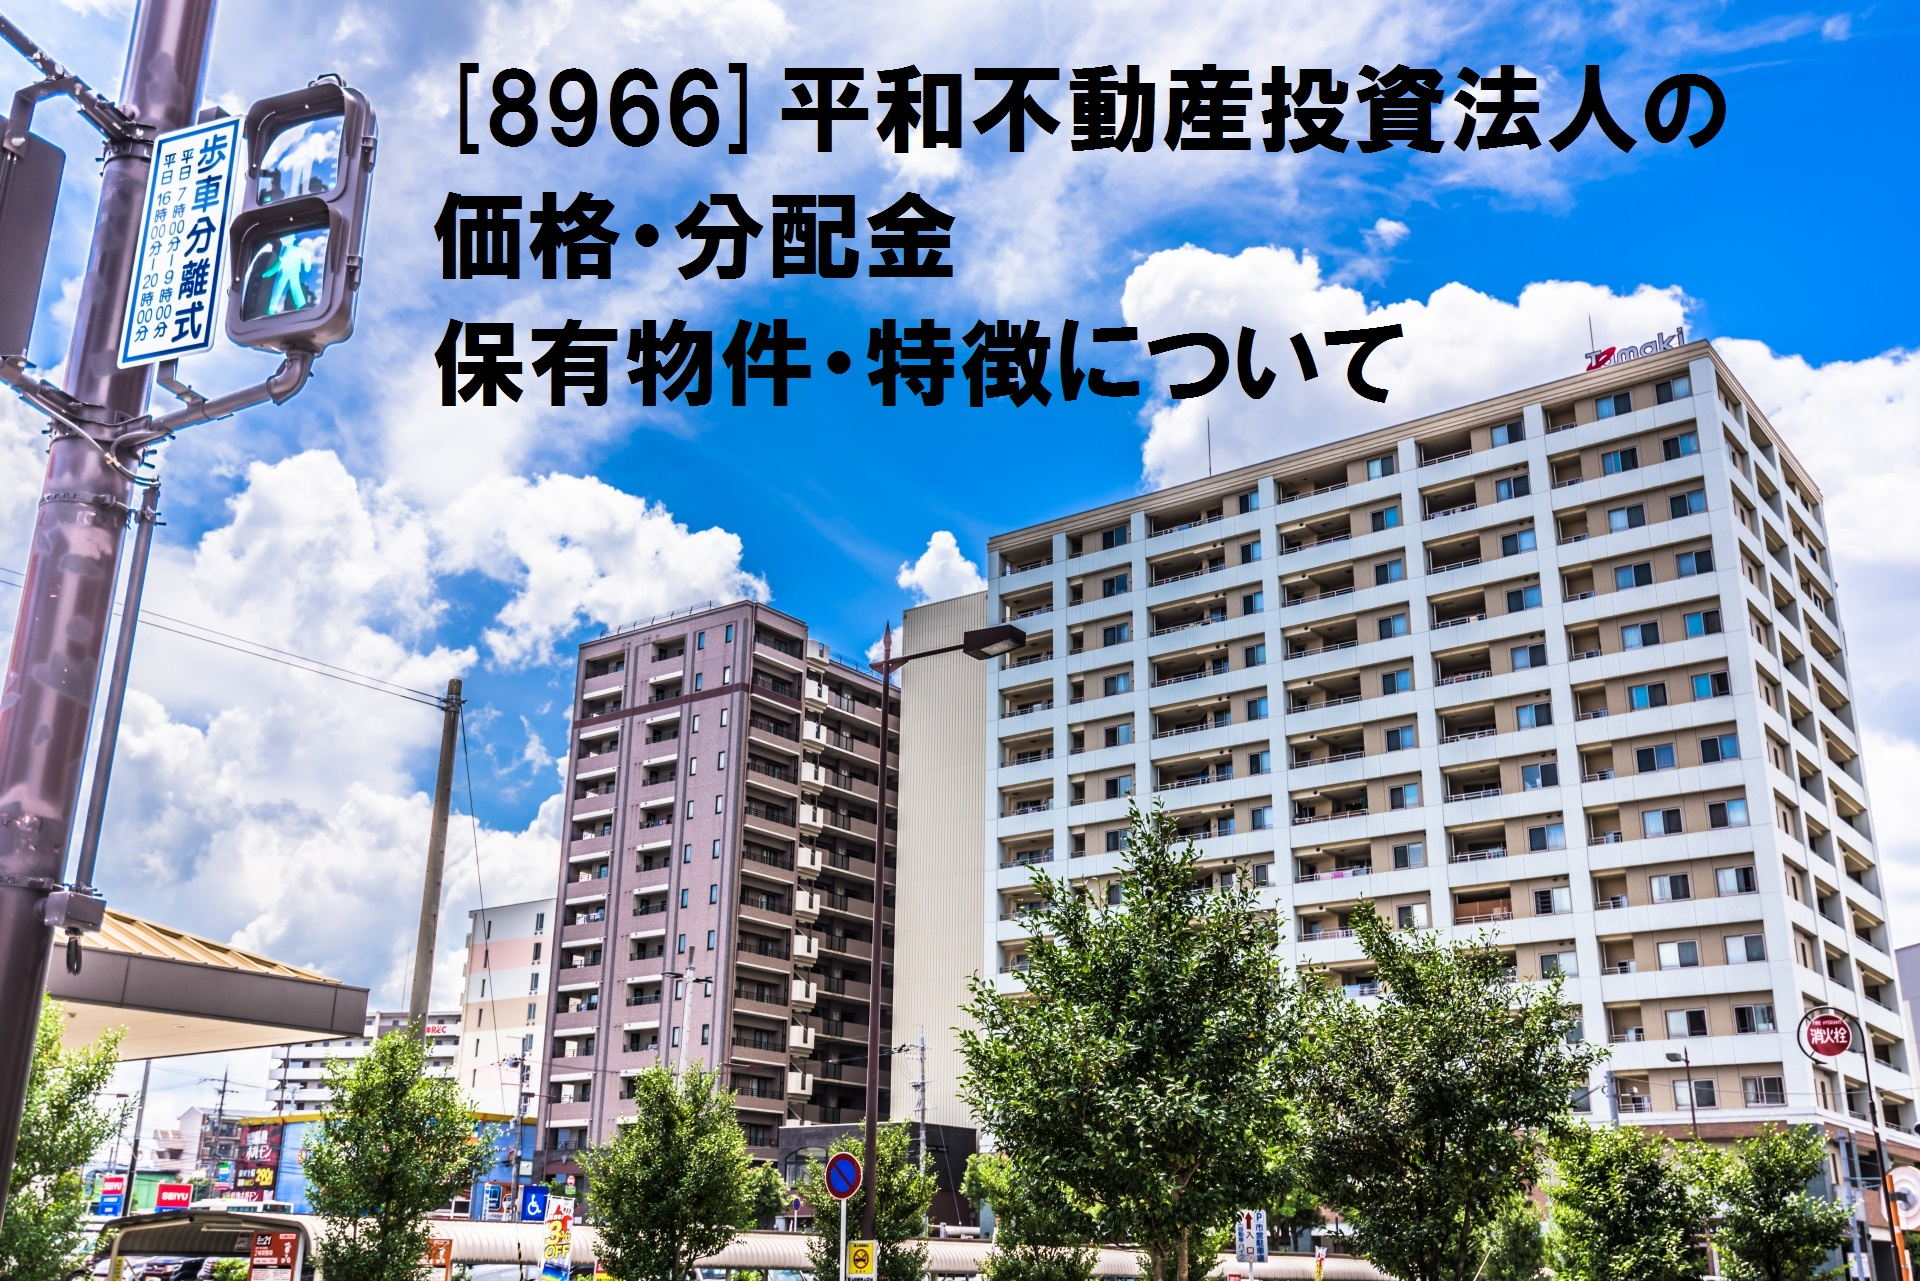 [8966]平和不動産投資法人の価格・分配金・保有物件・特徴について